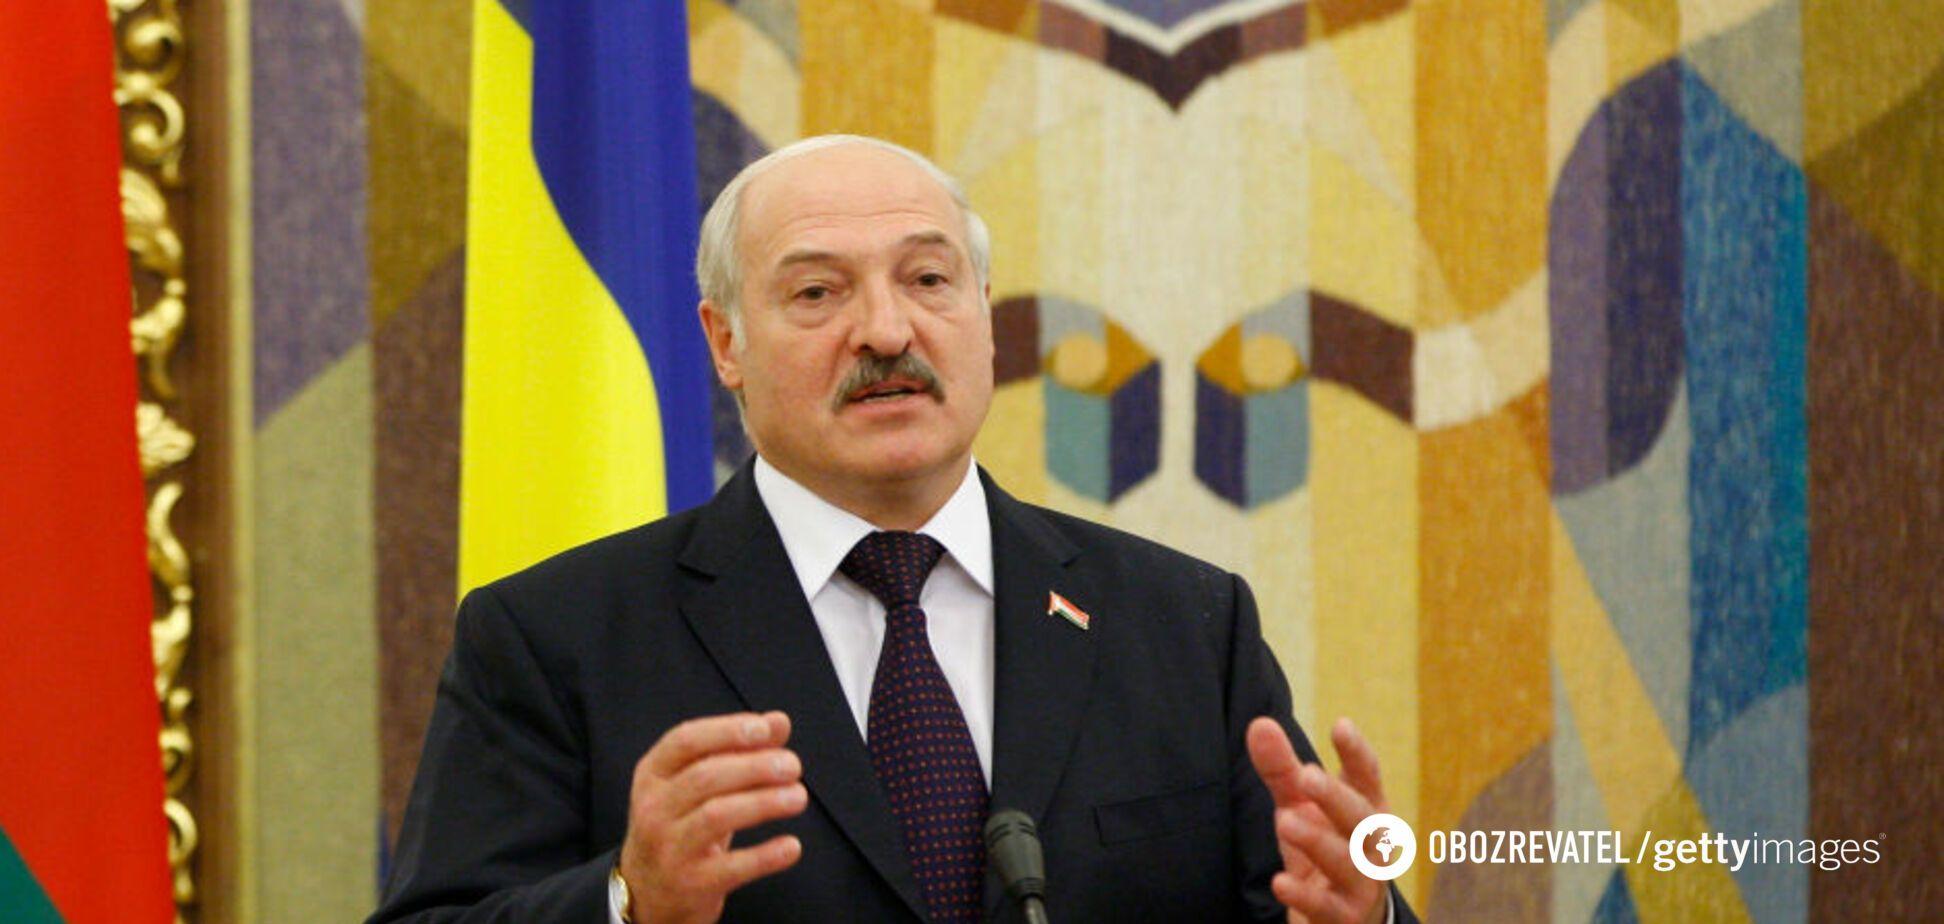 Олександр Лукашенко заявив, що не боїться жодних погроз через затримання найманців